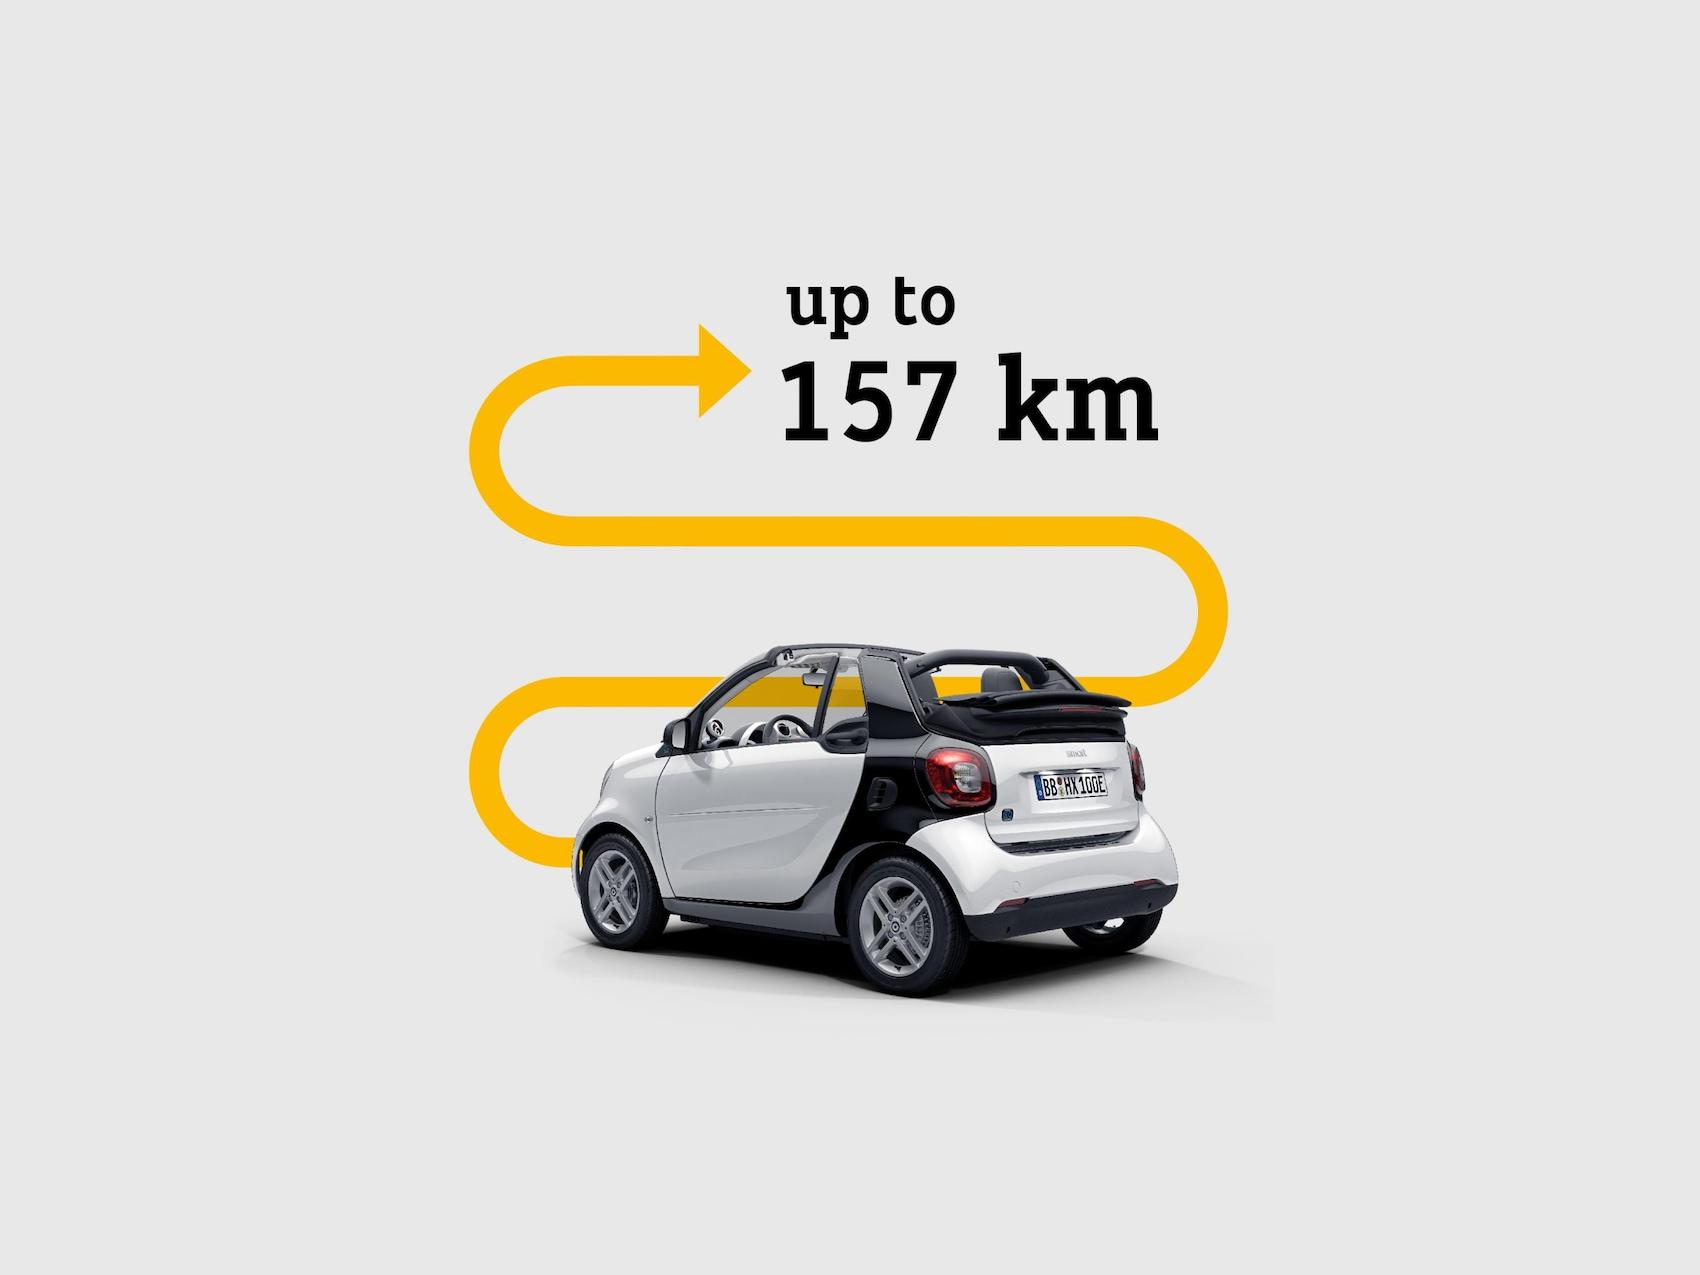 Kabriolet smart EQ fortwo, nad ktorým šípka poukazuje na dojazd 157km.